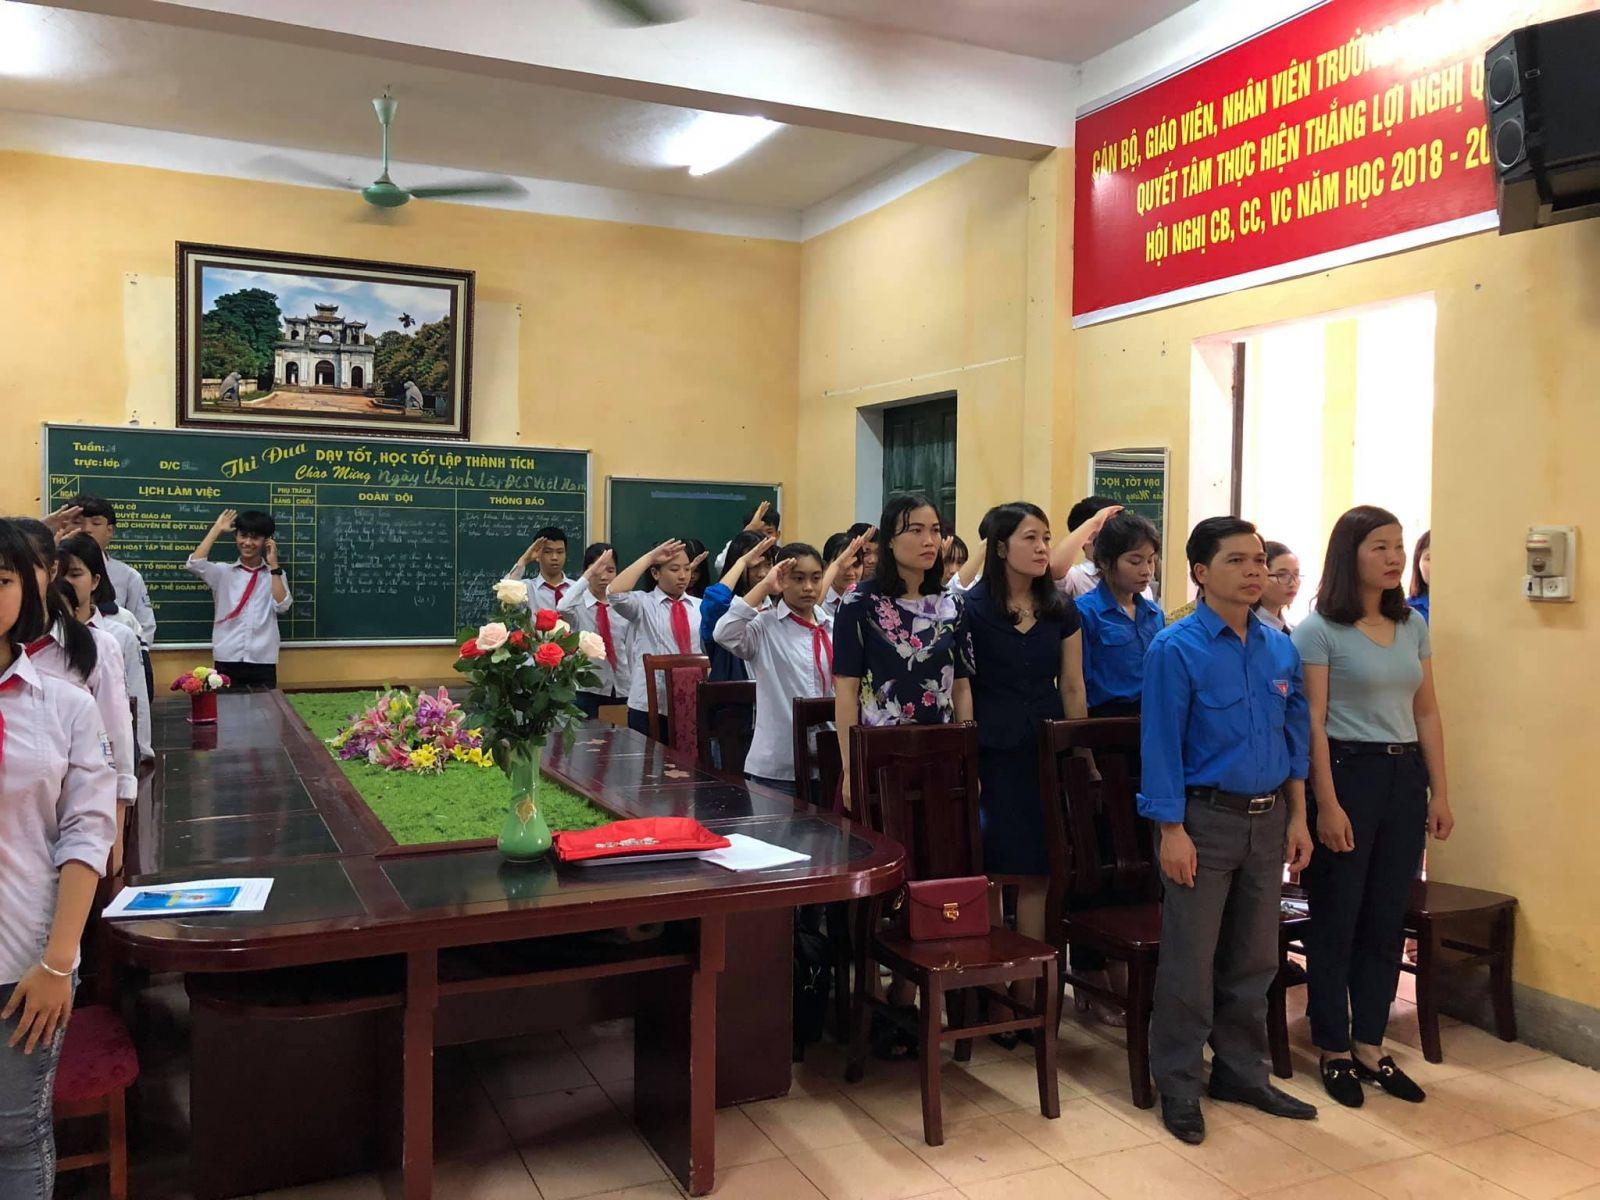 Kết quả thực hiện chế độ đi công tác cơ sở của cán bộ đoàn chuyên trách cấp tỉnh năm 2019 ở Hưng Yên